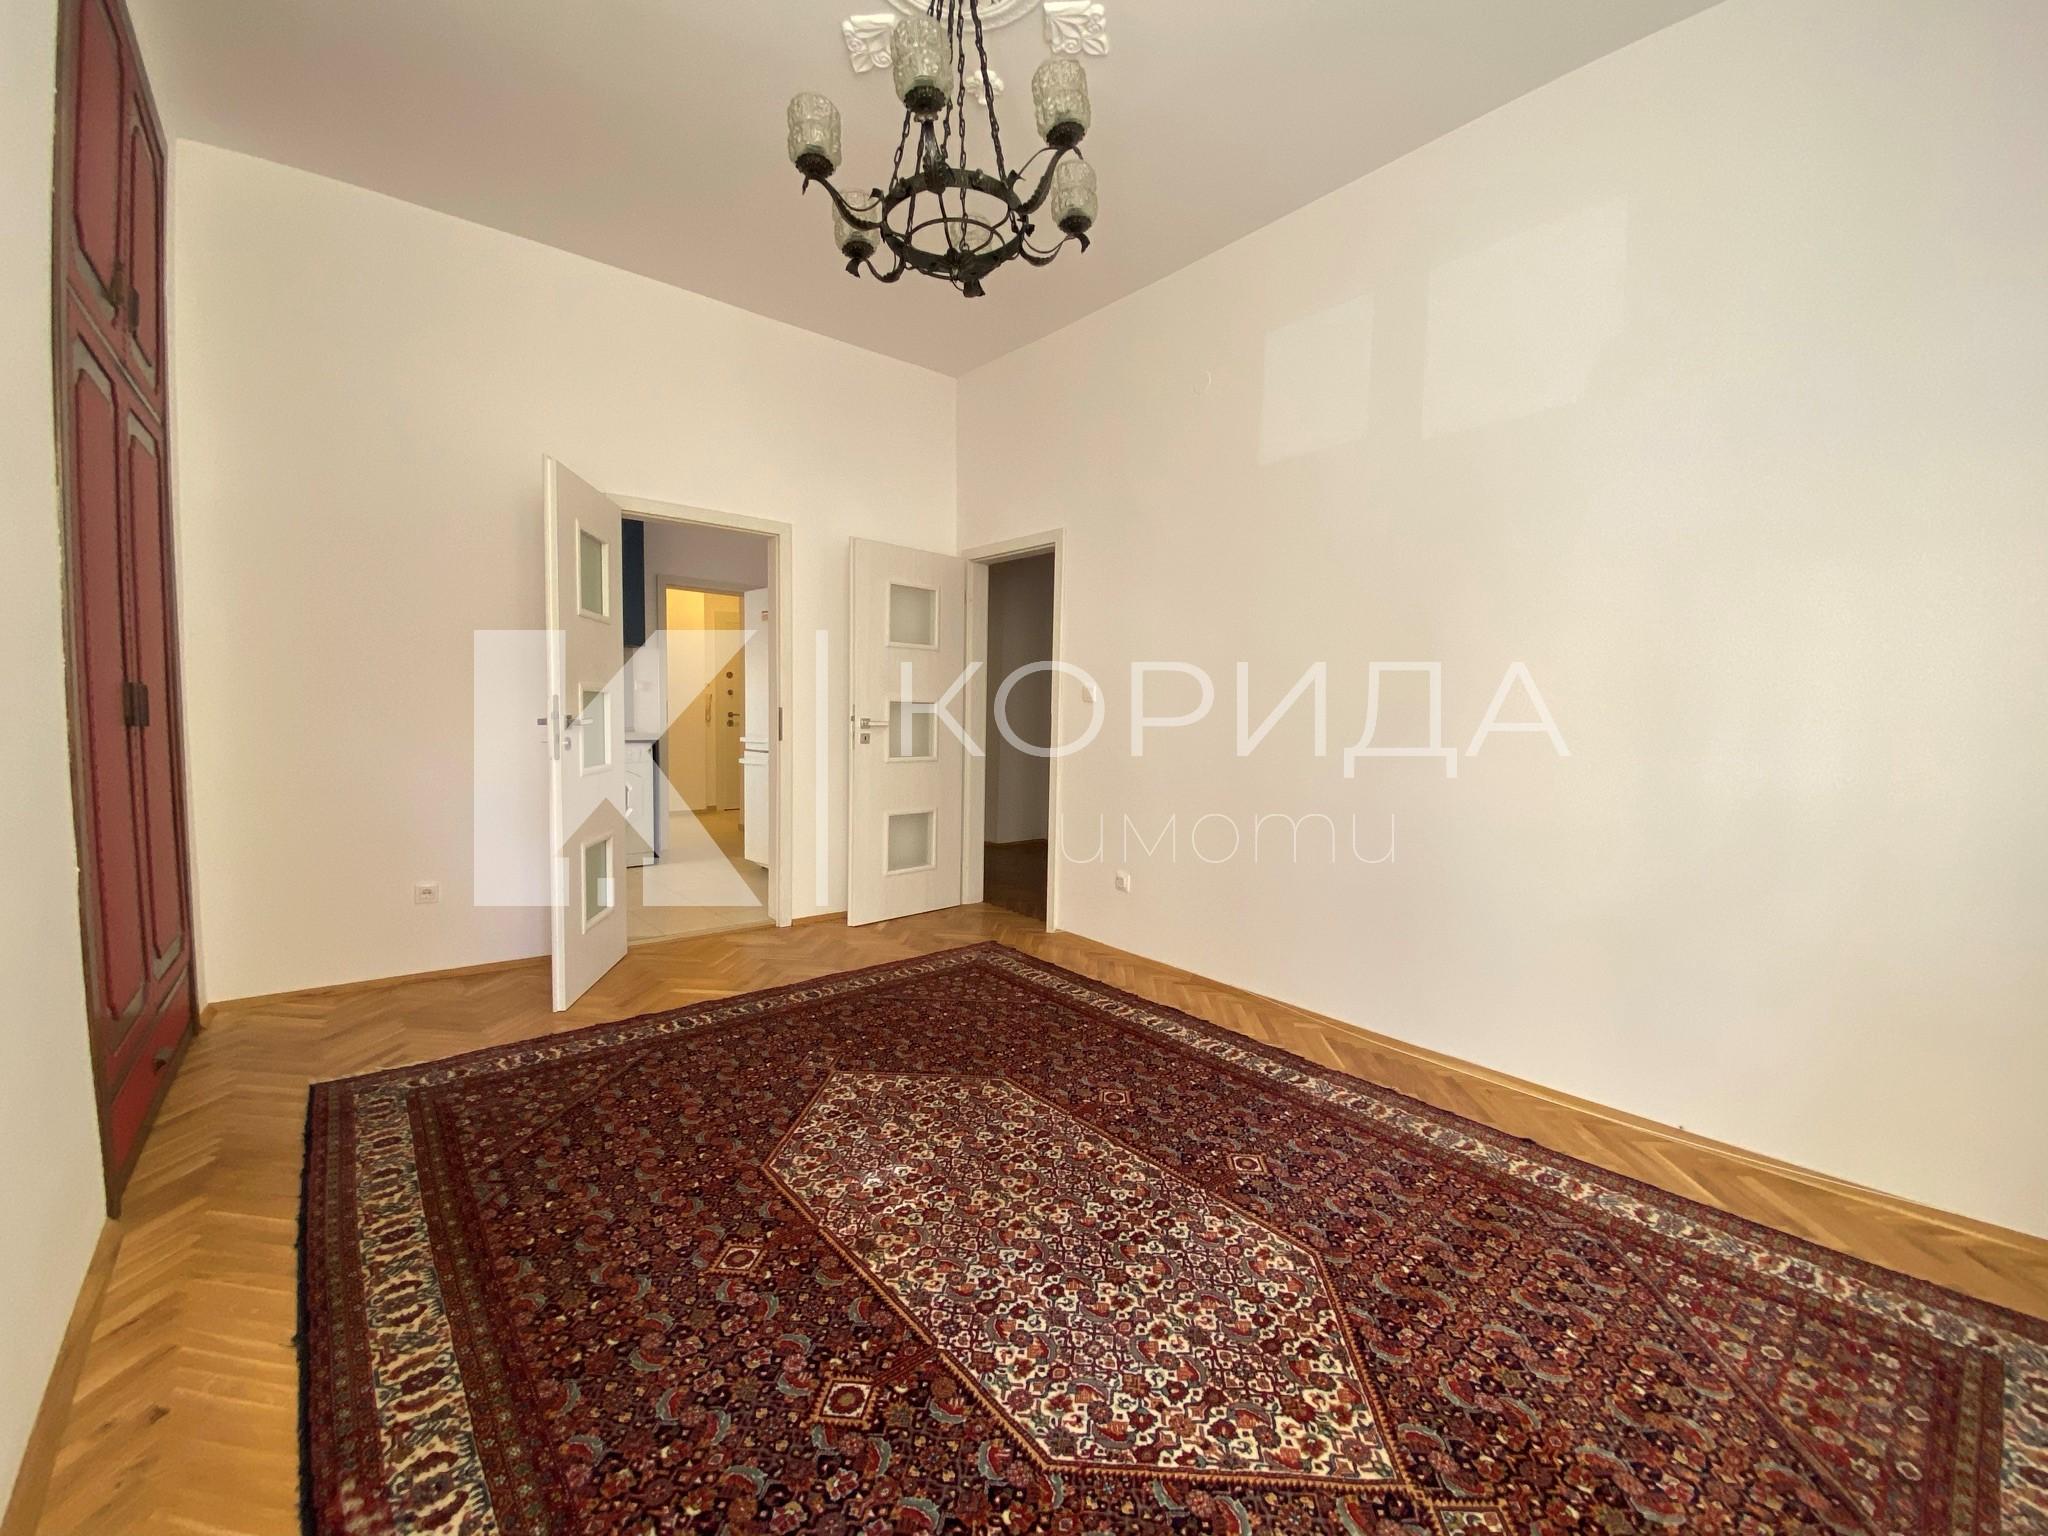 2-стаен апартамент на ул. Иван Денкоглу